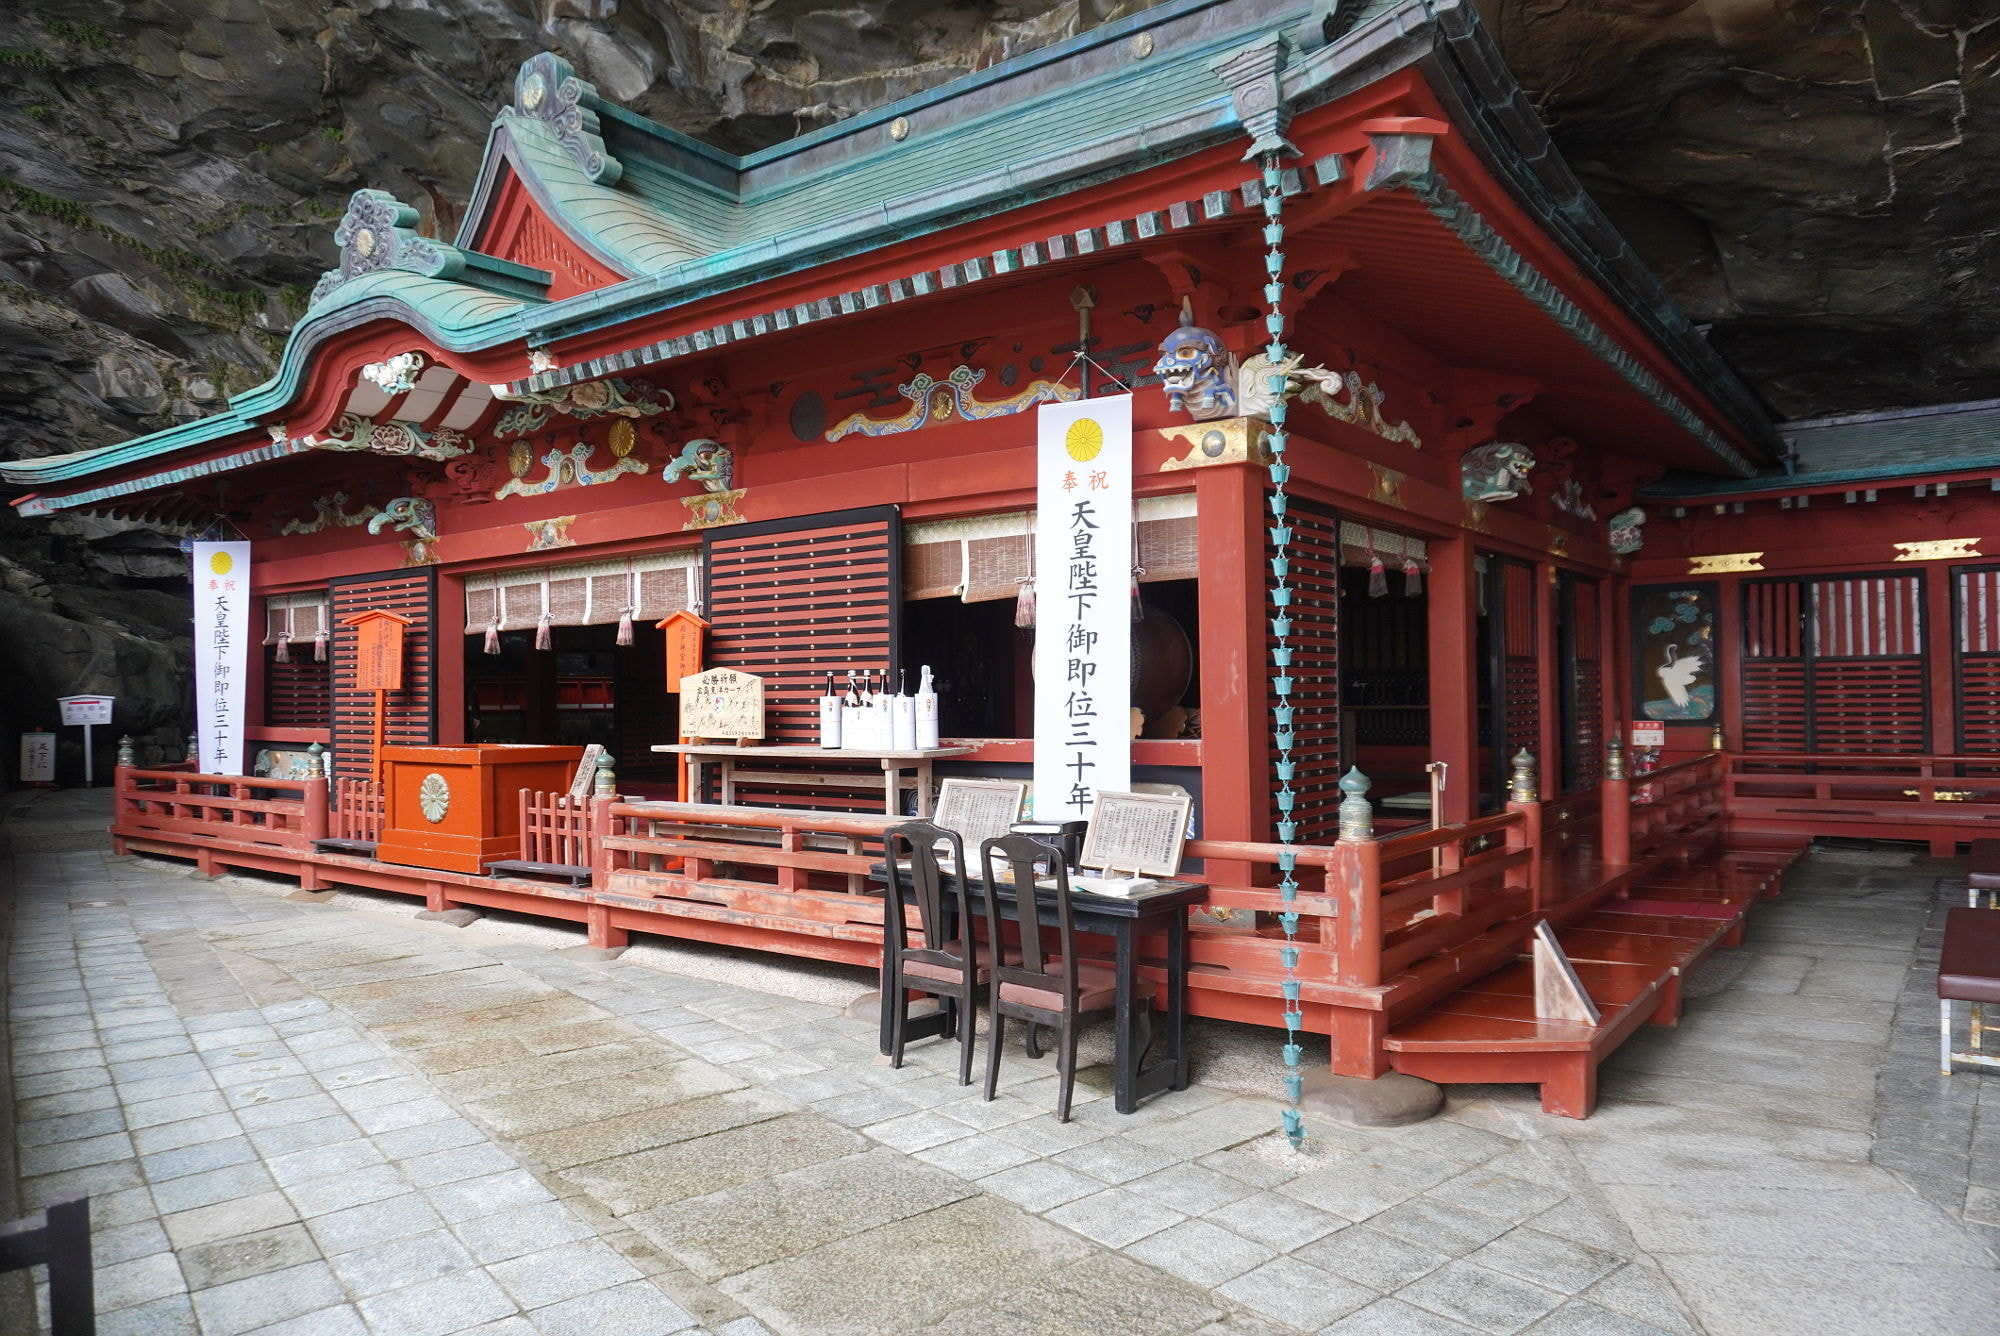 鵜戸神宮の本殿